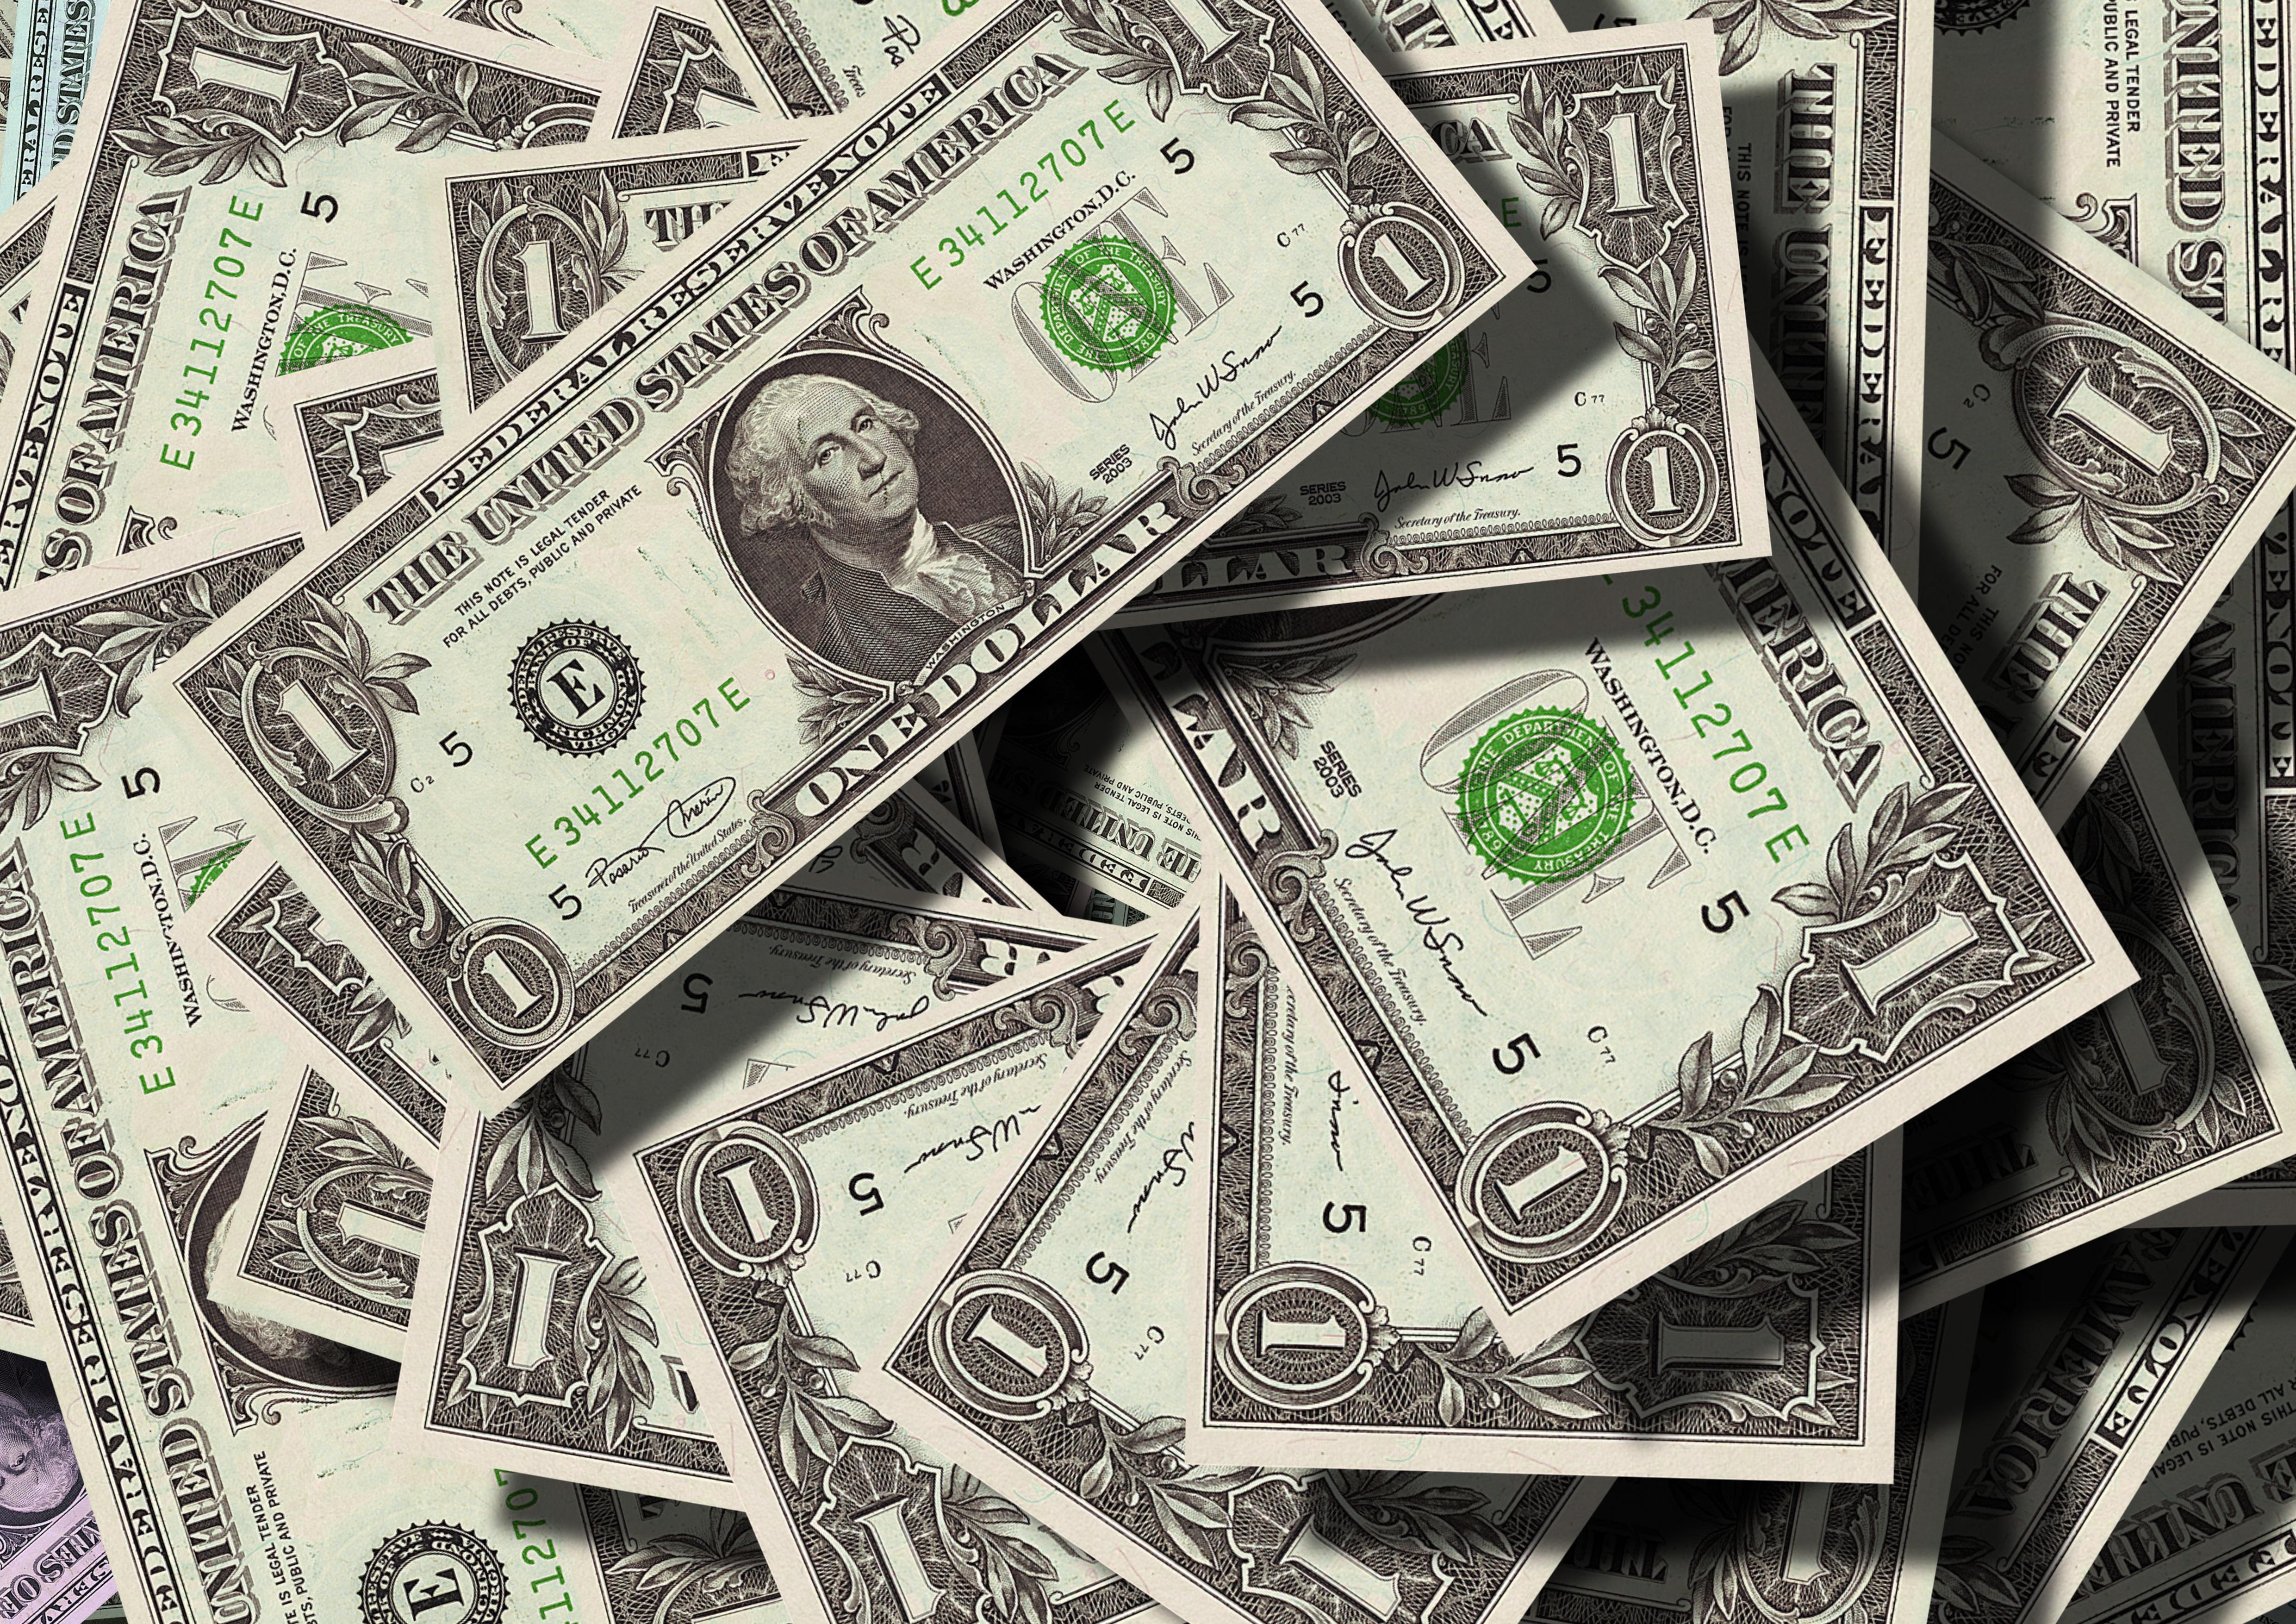 55213 Заставки и Обои Деньги на телефон. Скачать Деньги, Доллары, Разное, Валюта картинки бесплатно